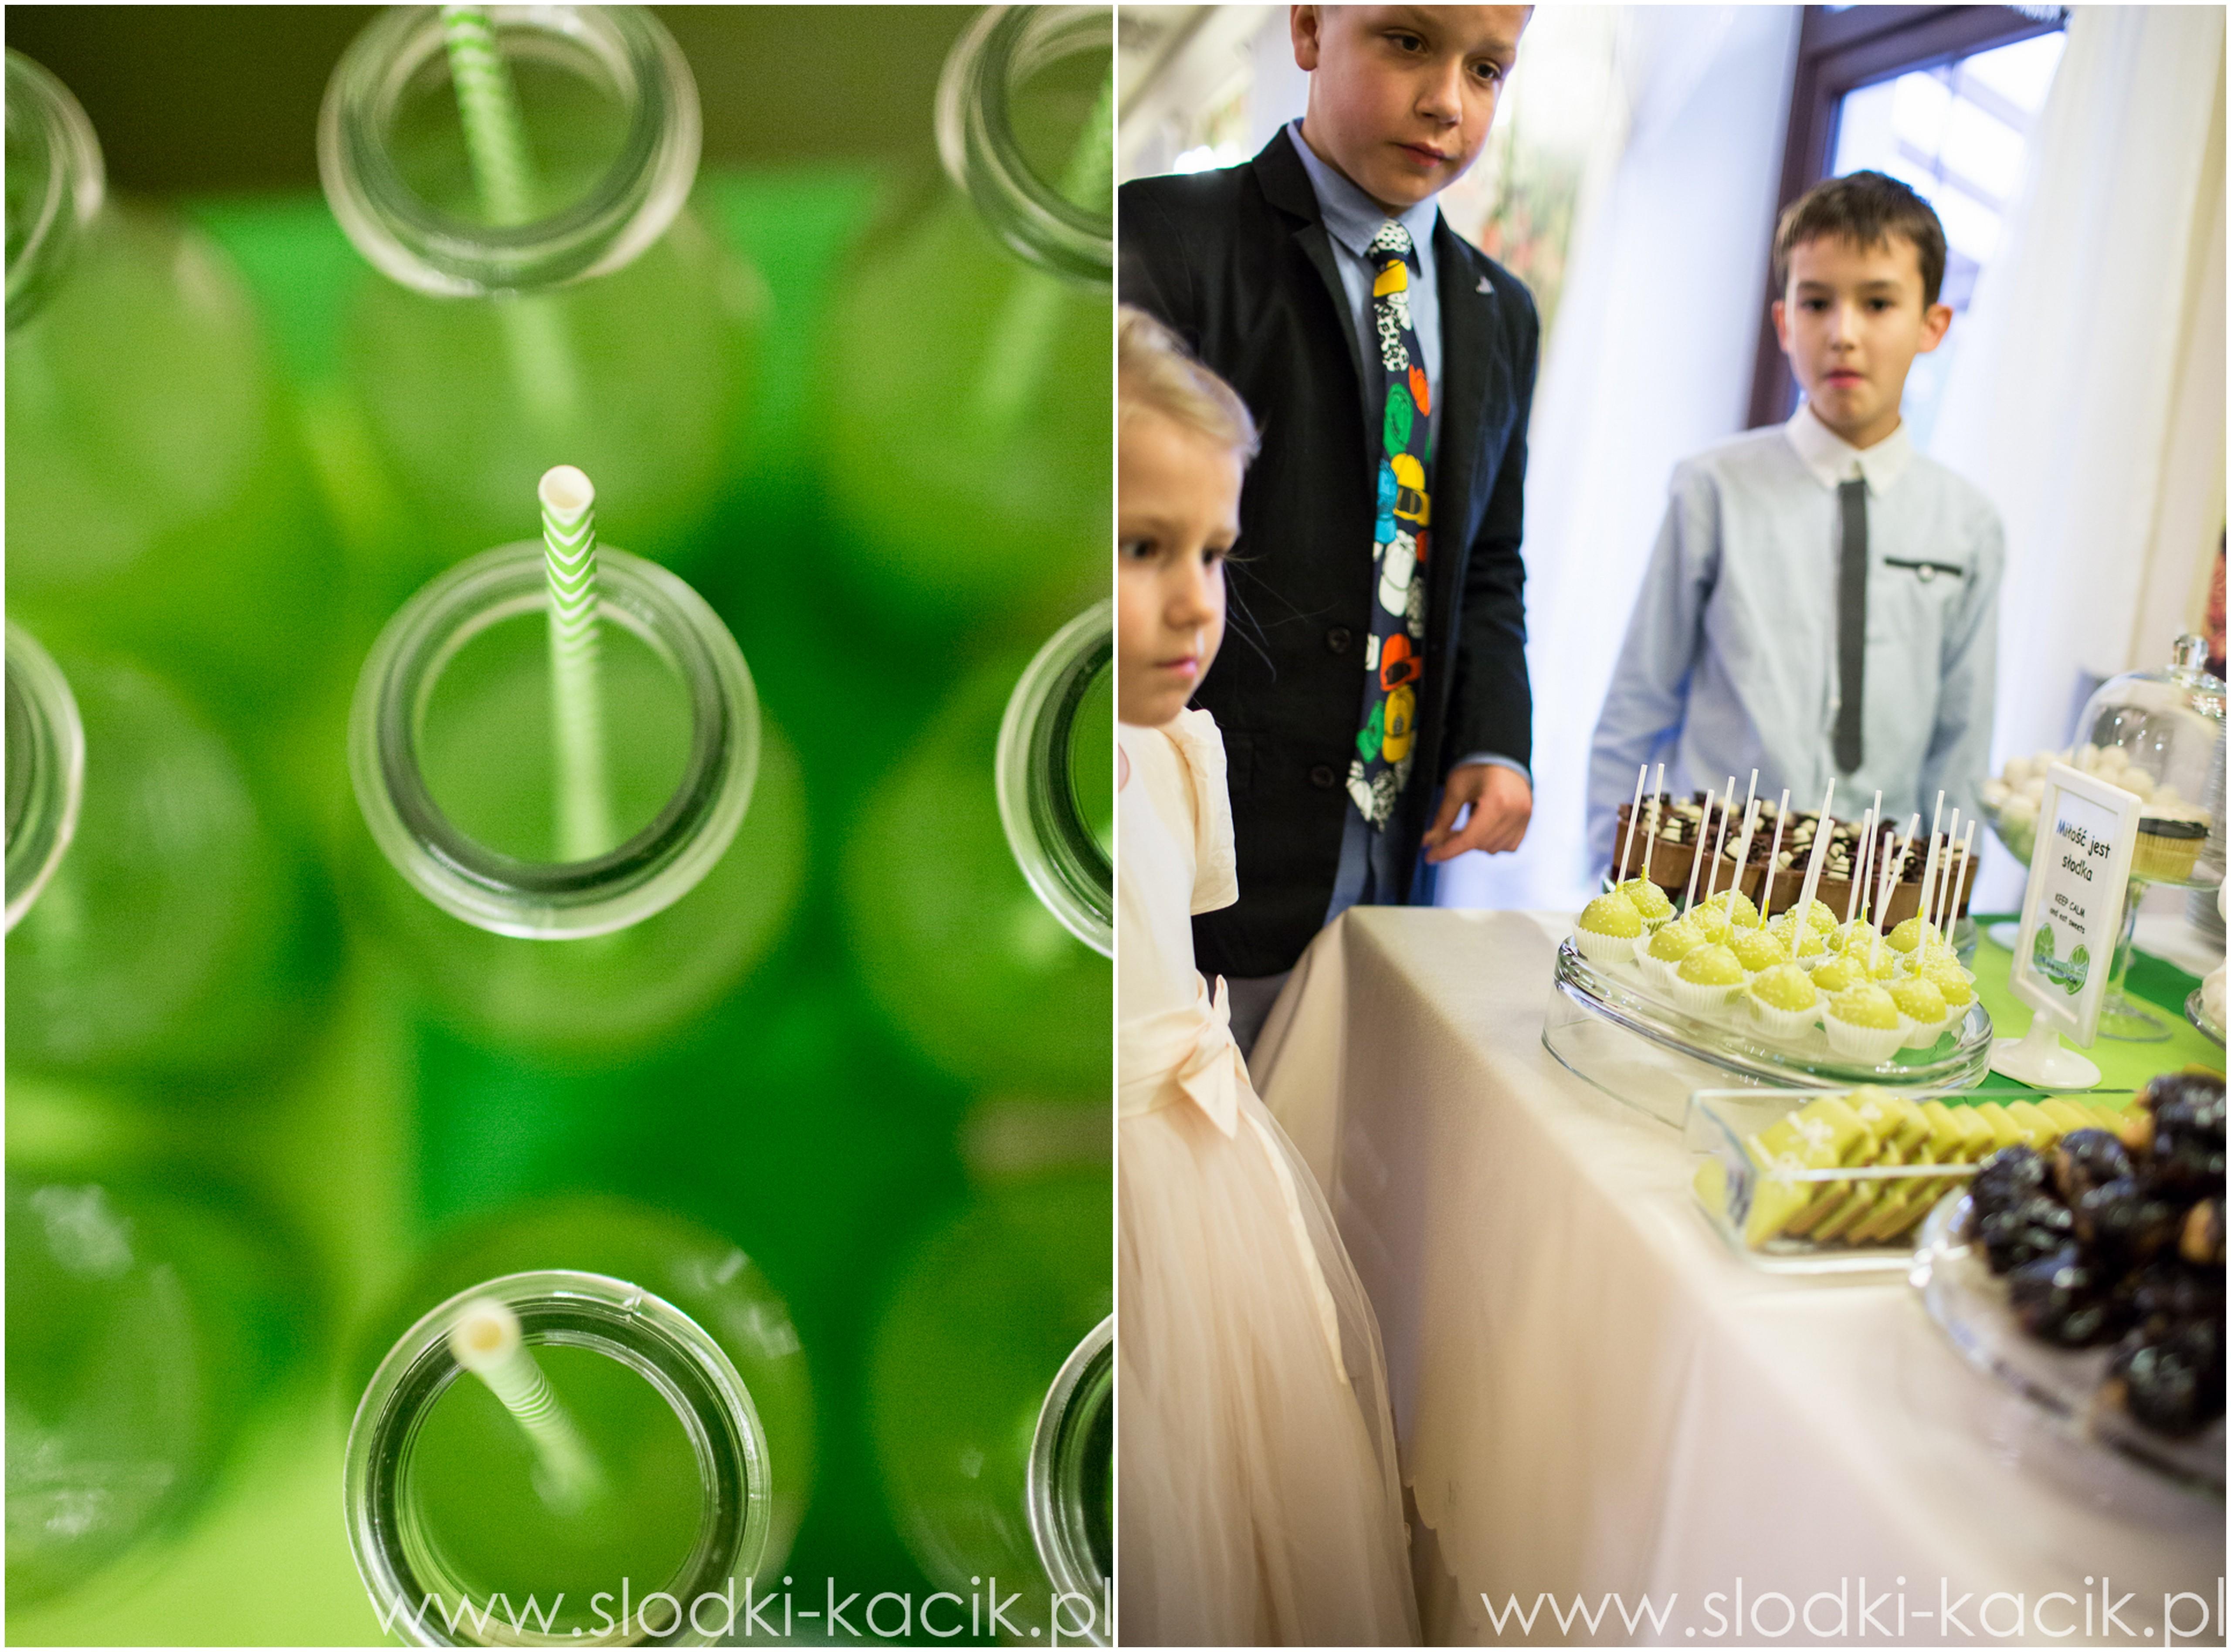 Słodki Kącik limonka, słodki stół, słodki bufet, candy bar, tort weselny, ciasto wesele, ślub, pavlova, ciasteczka, słodycze, lizaki, buteleczki, cakepop, cupcake,  popcorn (5)